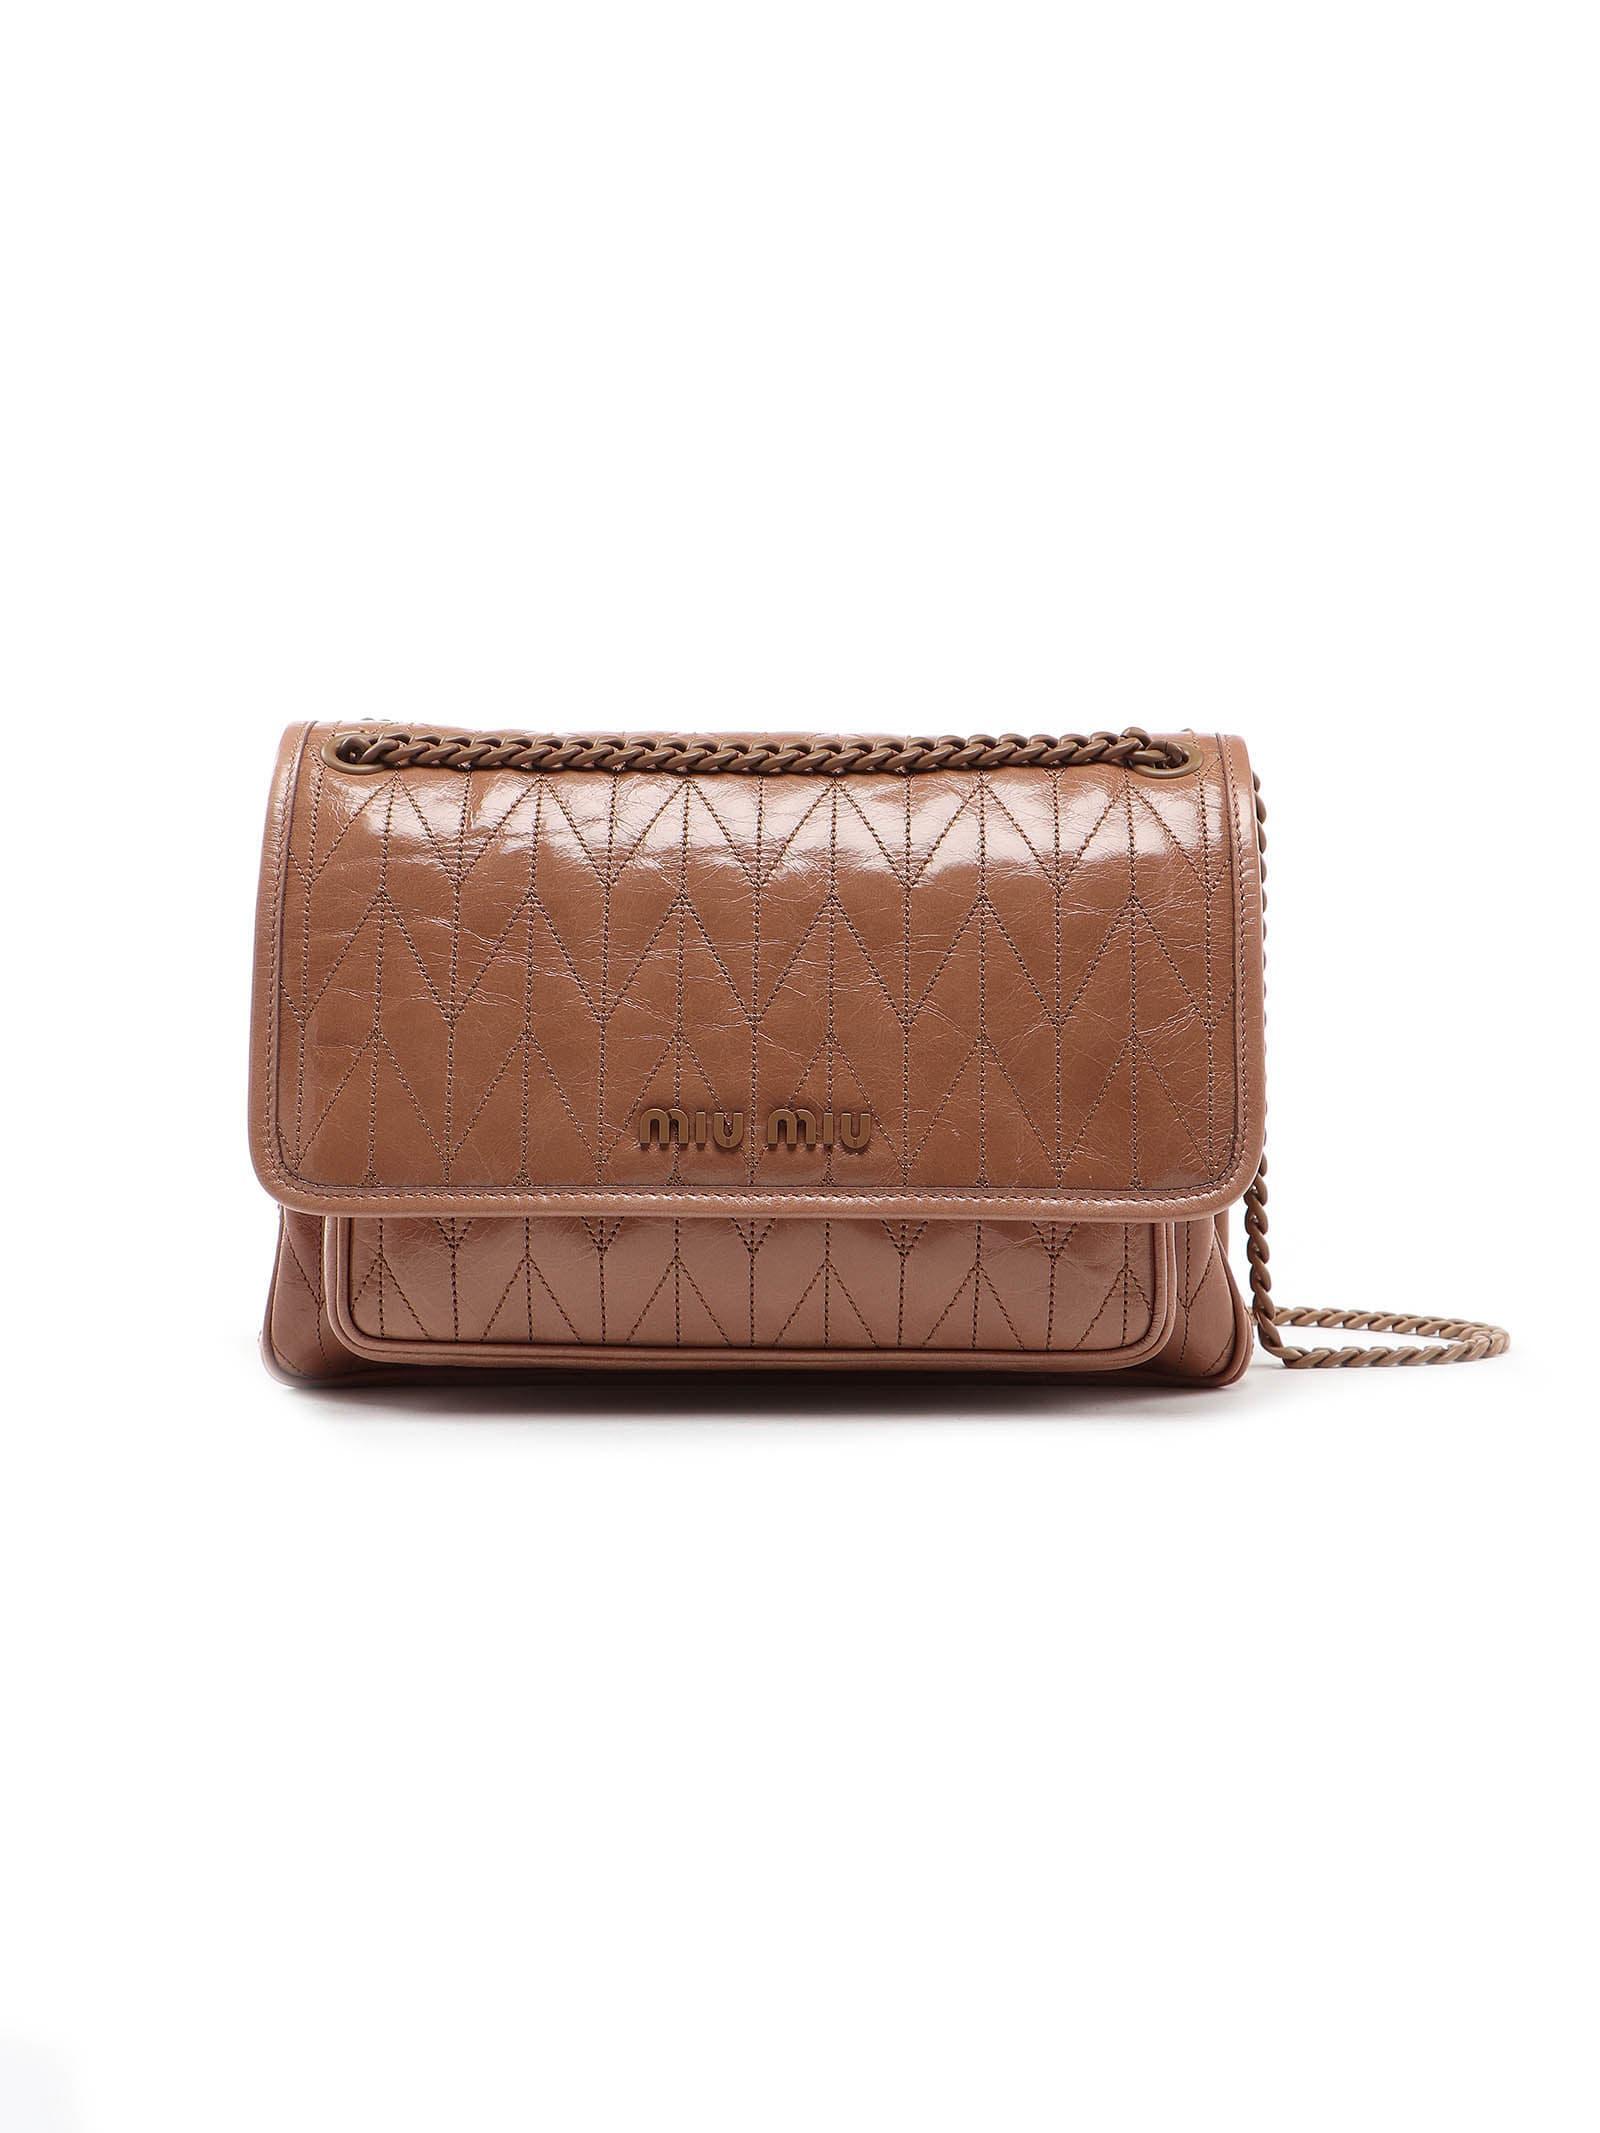 Miu Miu Shoulder Bag Vit. shine